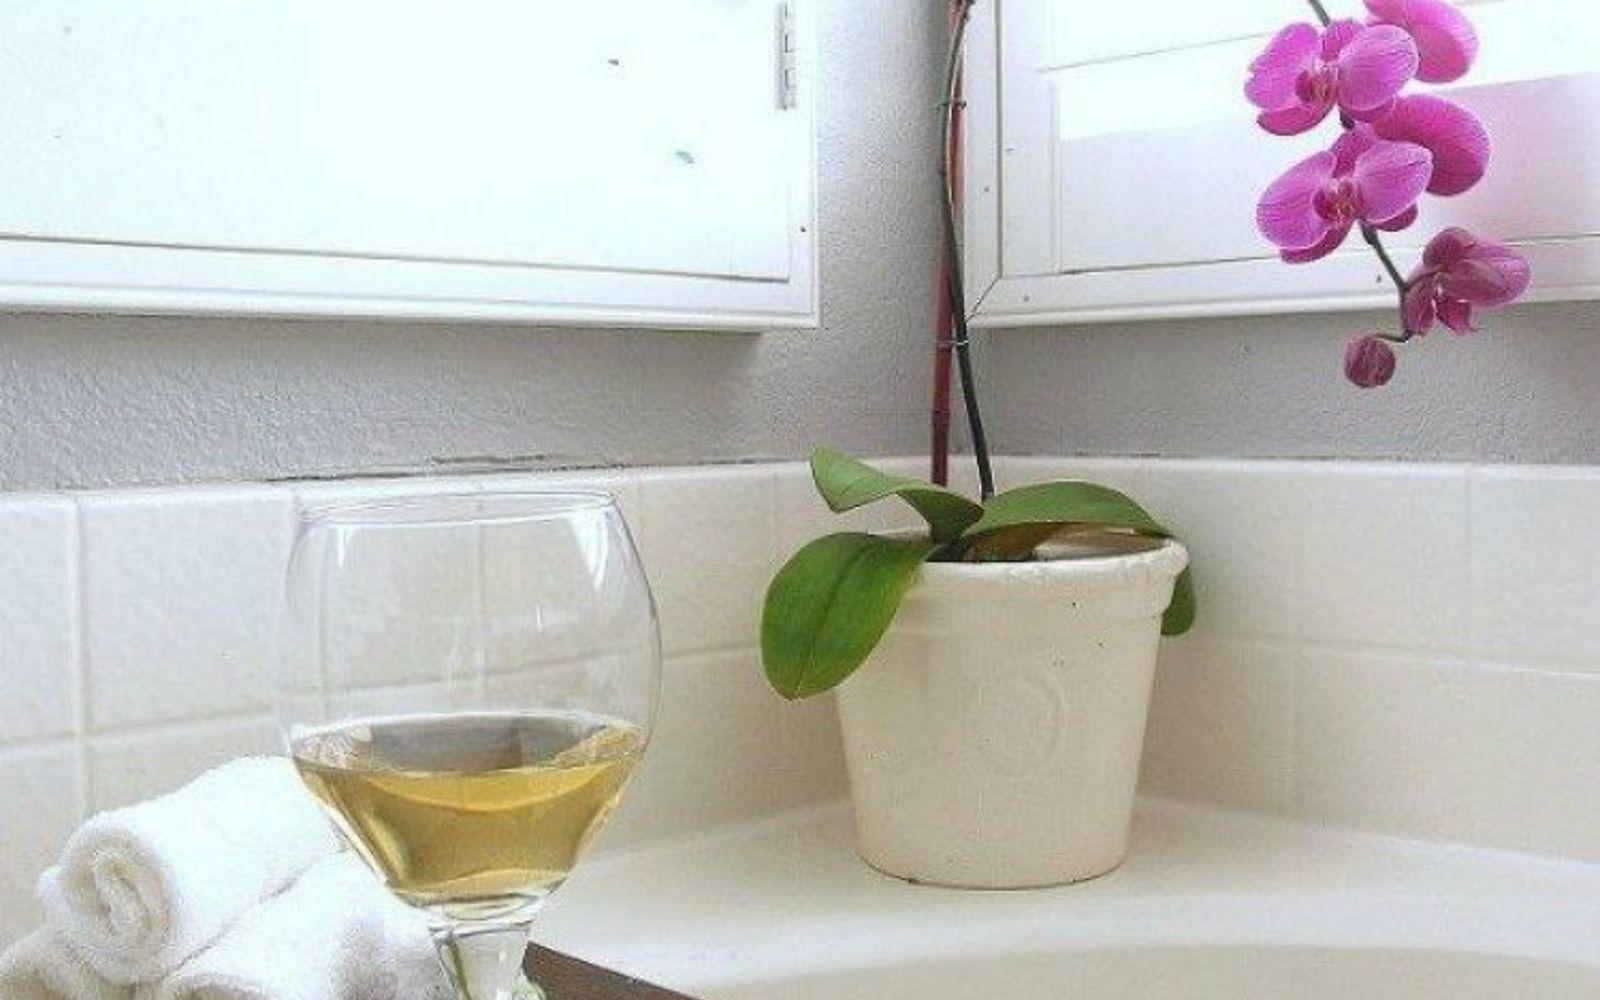 s 11 easy ways to refresh your old bathtub, bathroom ideas, Build your own bathtub shelf